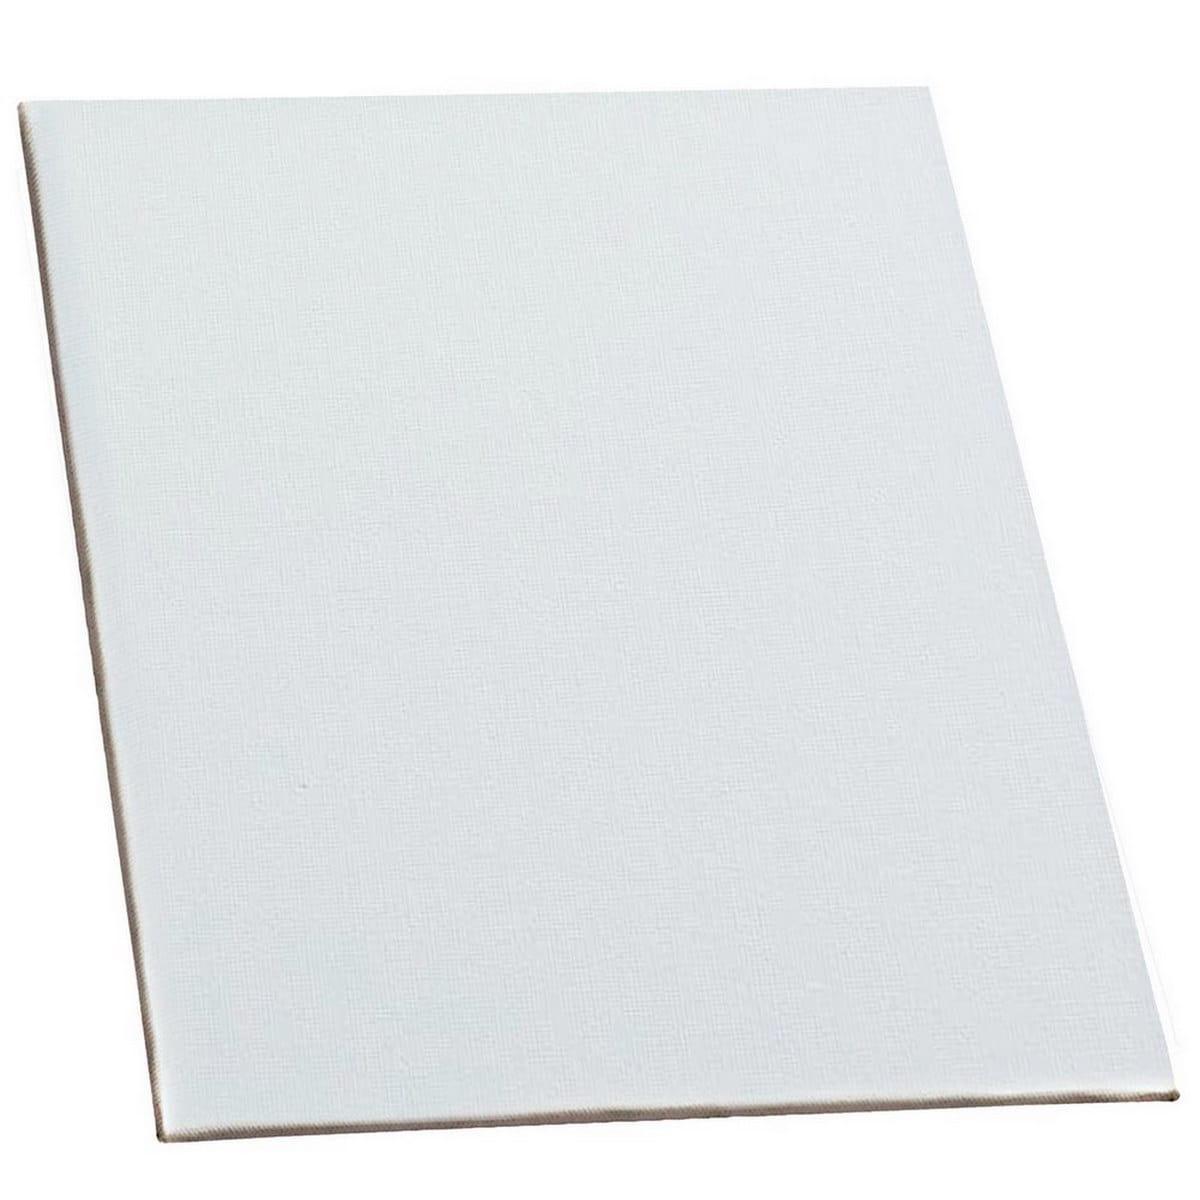 MDF White Canvas Board Size: 25.4 X 35.6 cm (10x14 Inches)